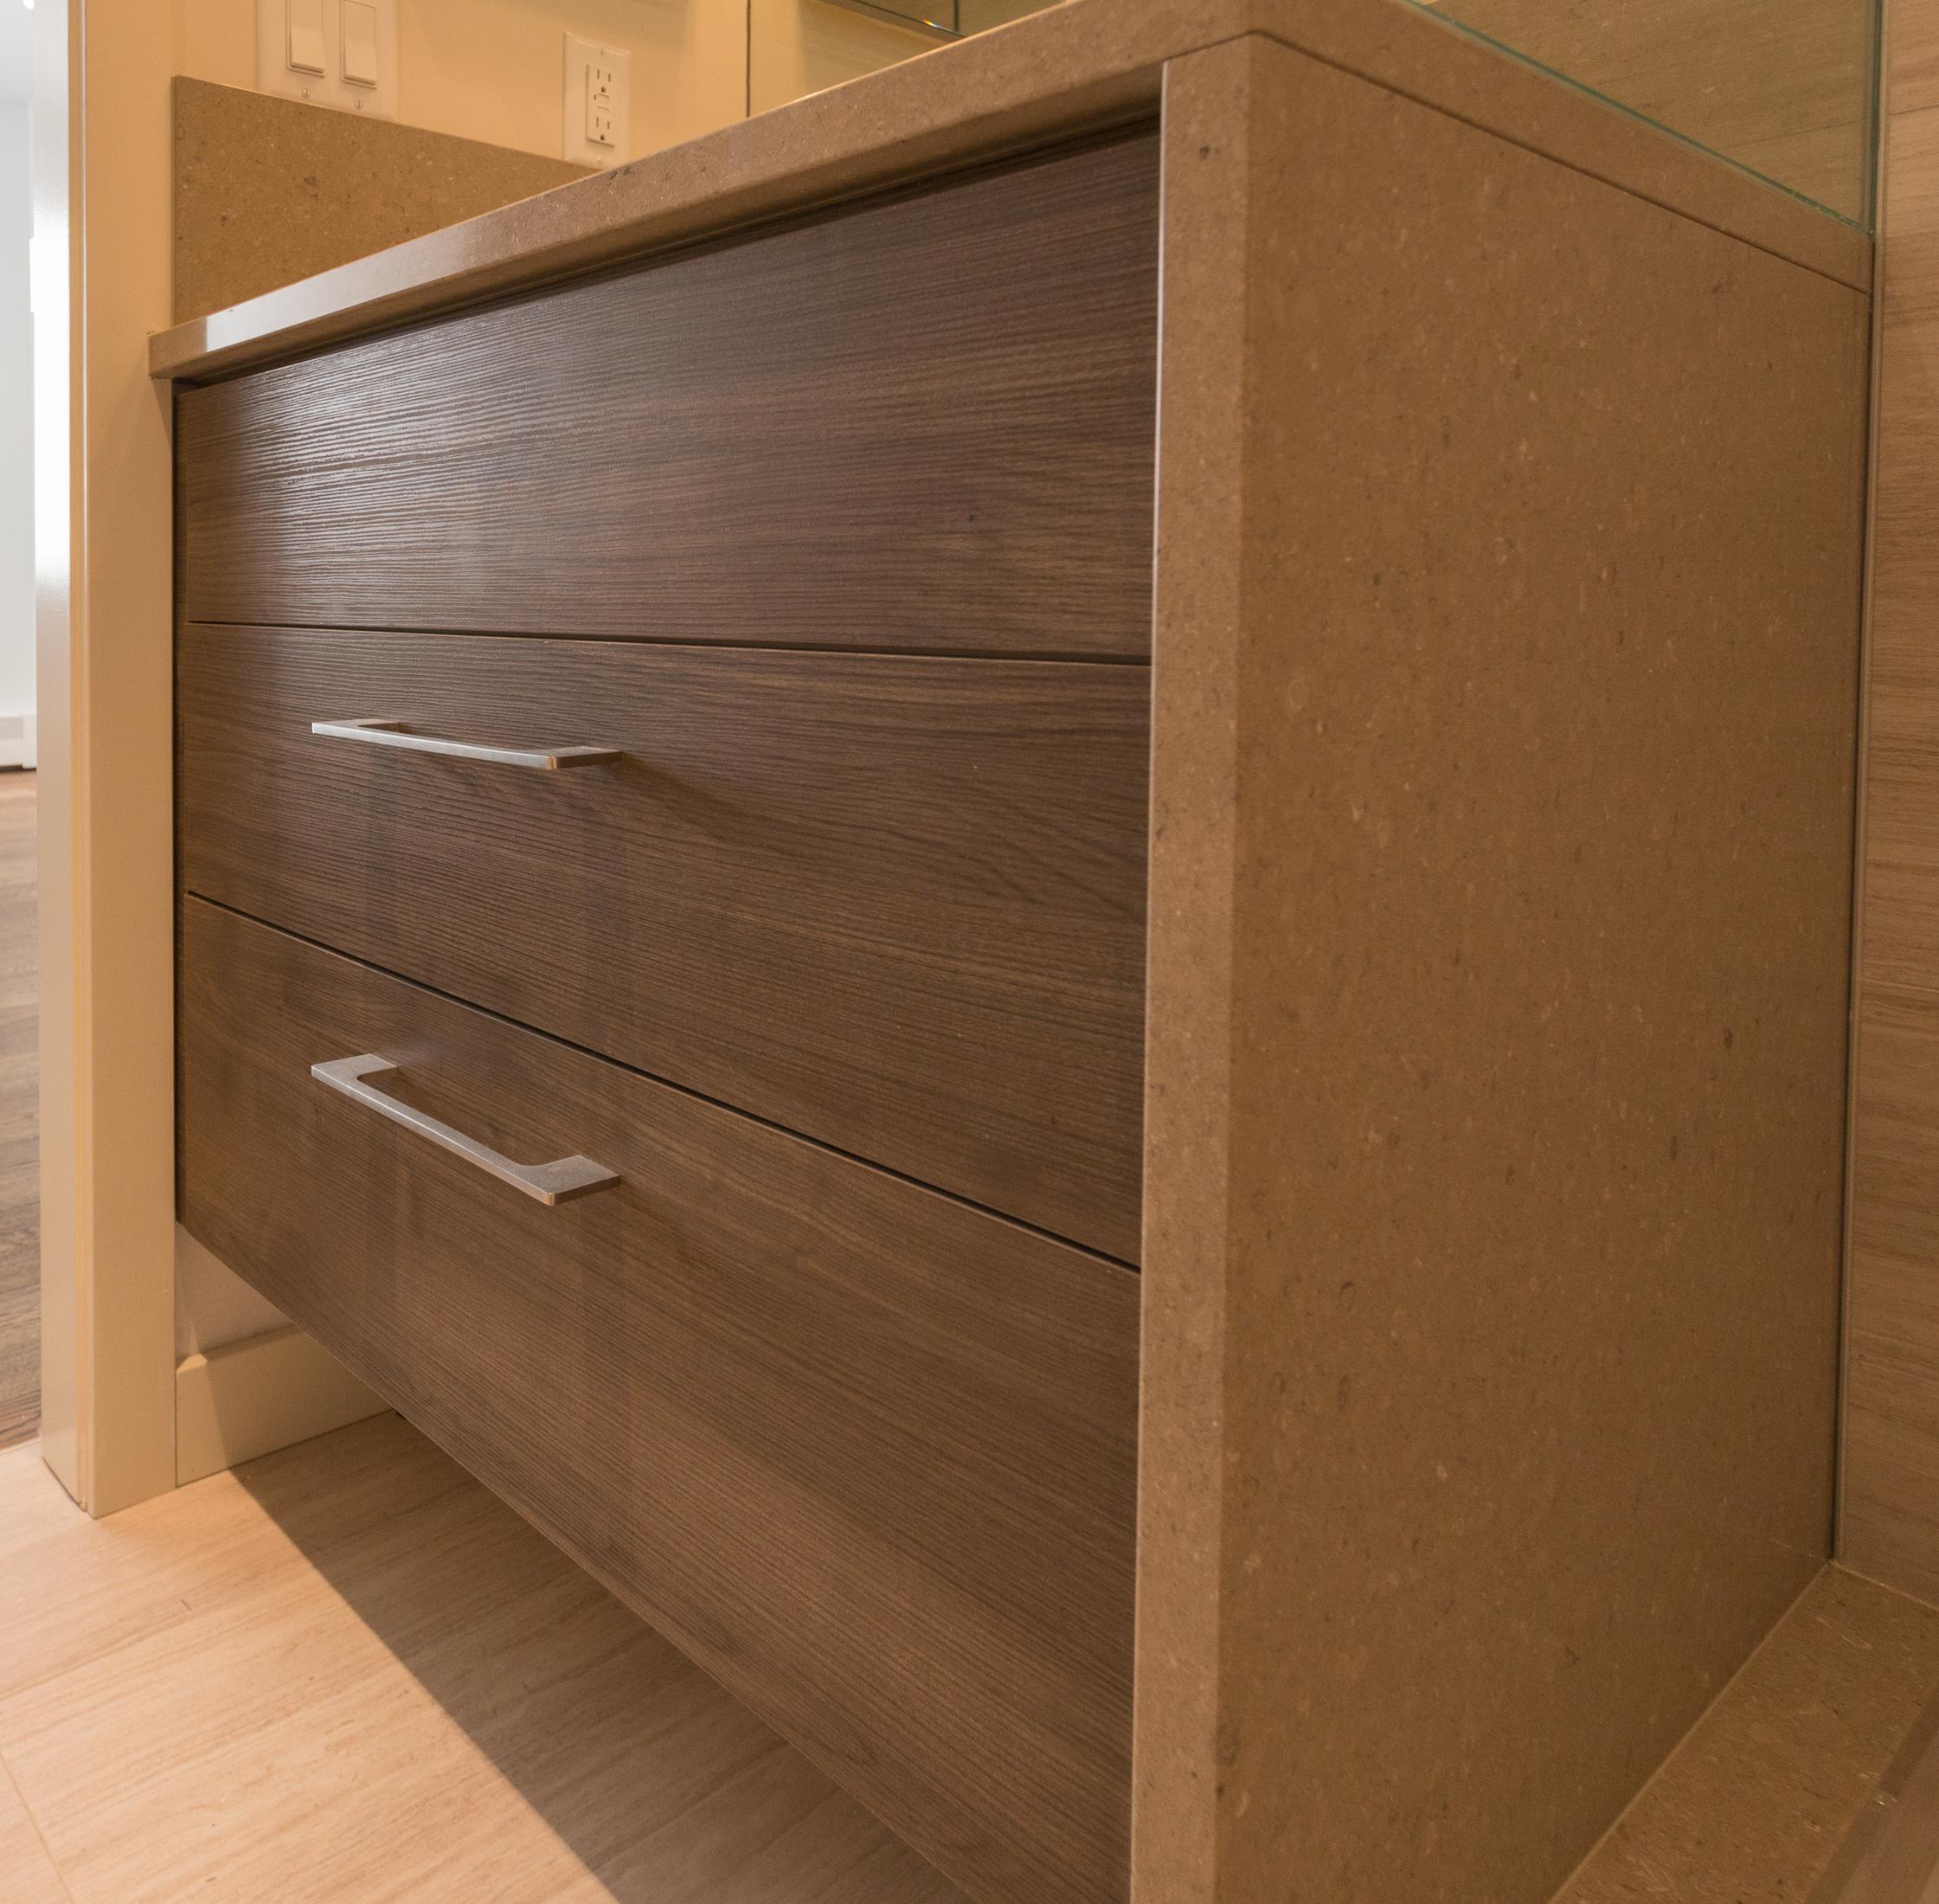 Low Pressure Laminate Cabinet Doors